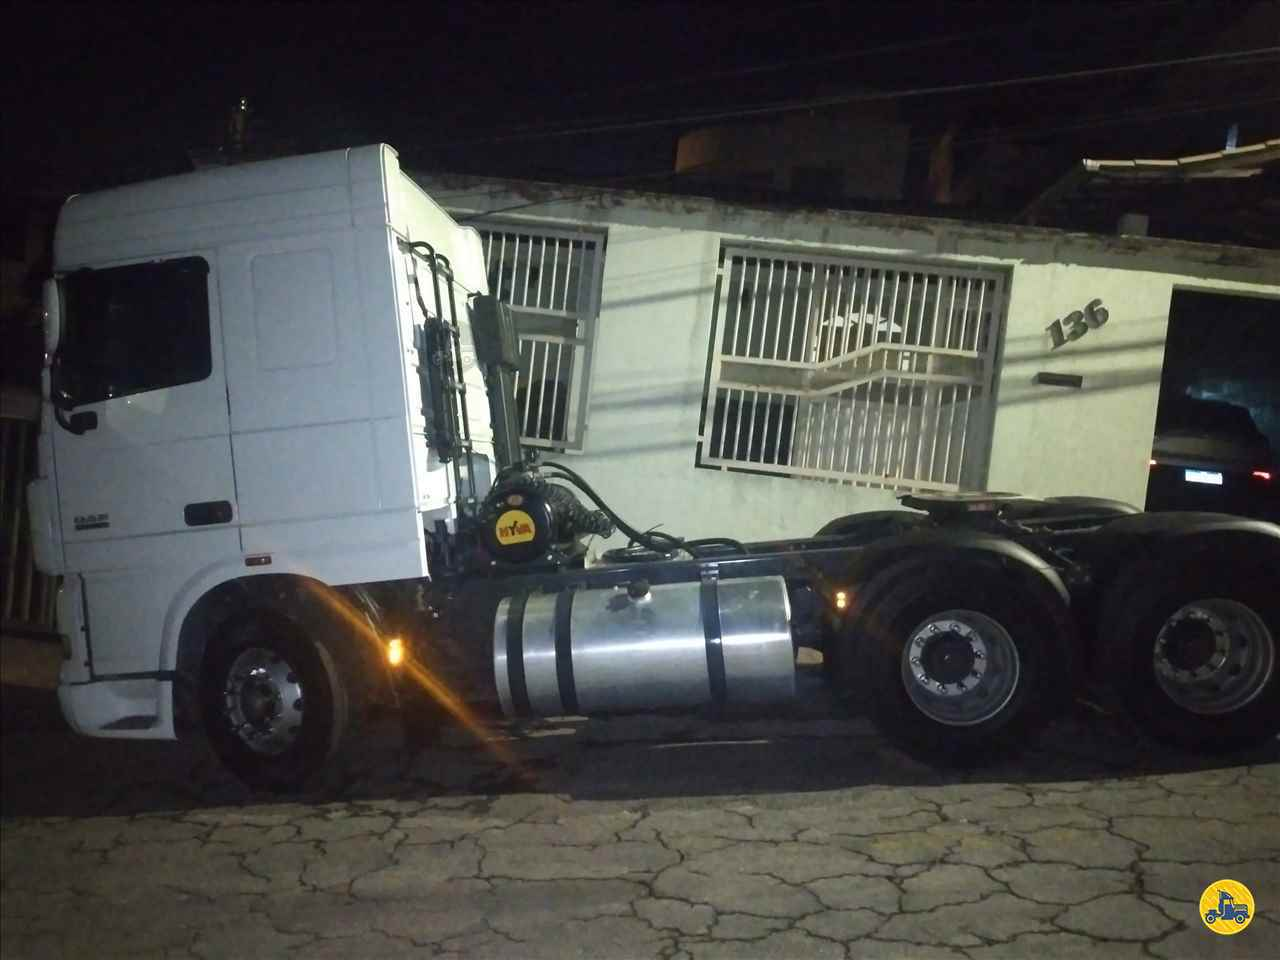 CAMINHAO DAF DAF XF105 460 Cavalo Mecânico Truck 6x2 Empilhamais Locação IPATINGA MINAS GERAIS MG